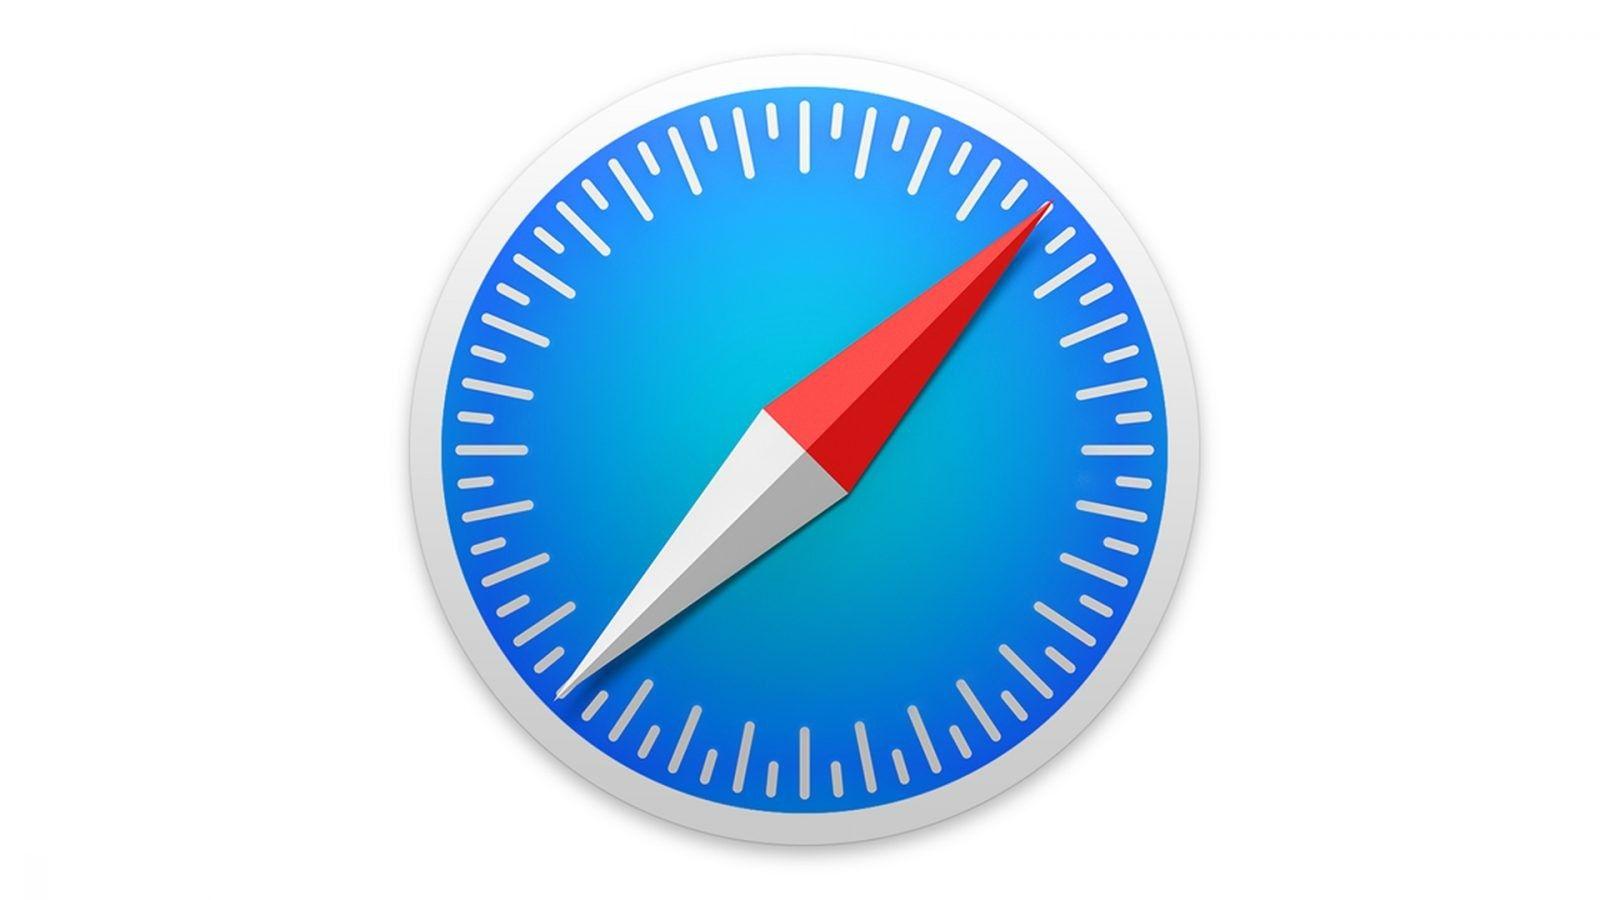 Jak włączyć na zawsze Reader View w Safari dla wybranych stron?